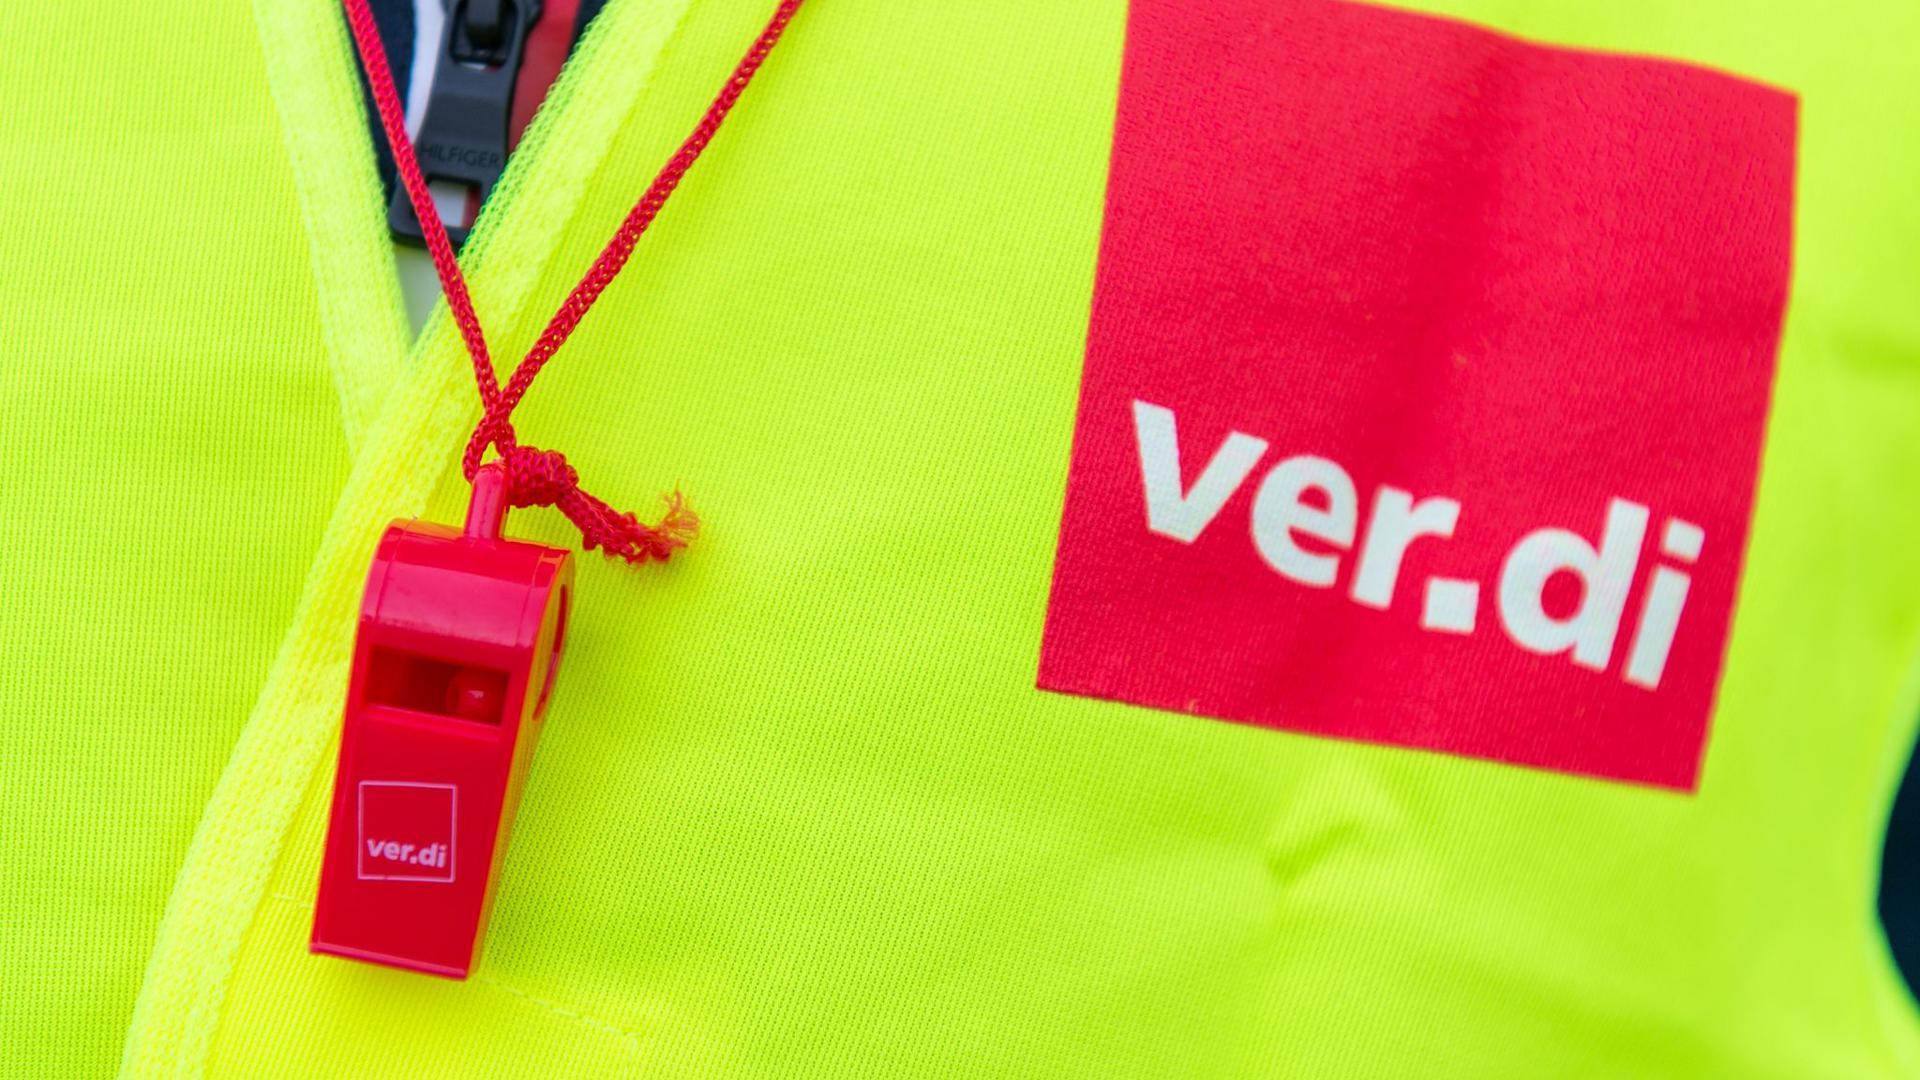 Ein Streikender mit einer Warnweste mit dem Verdi-Logo und einer roten Trillerpfeife.